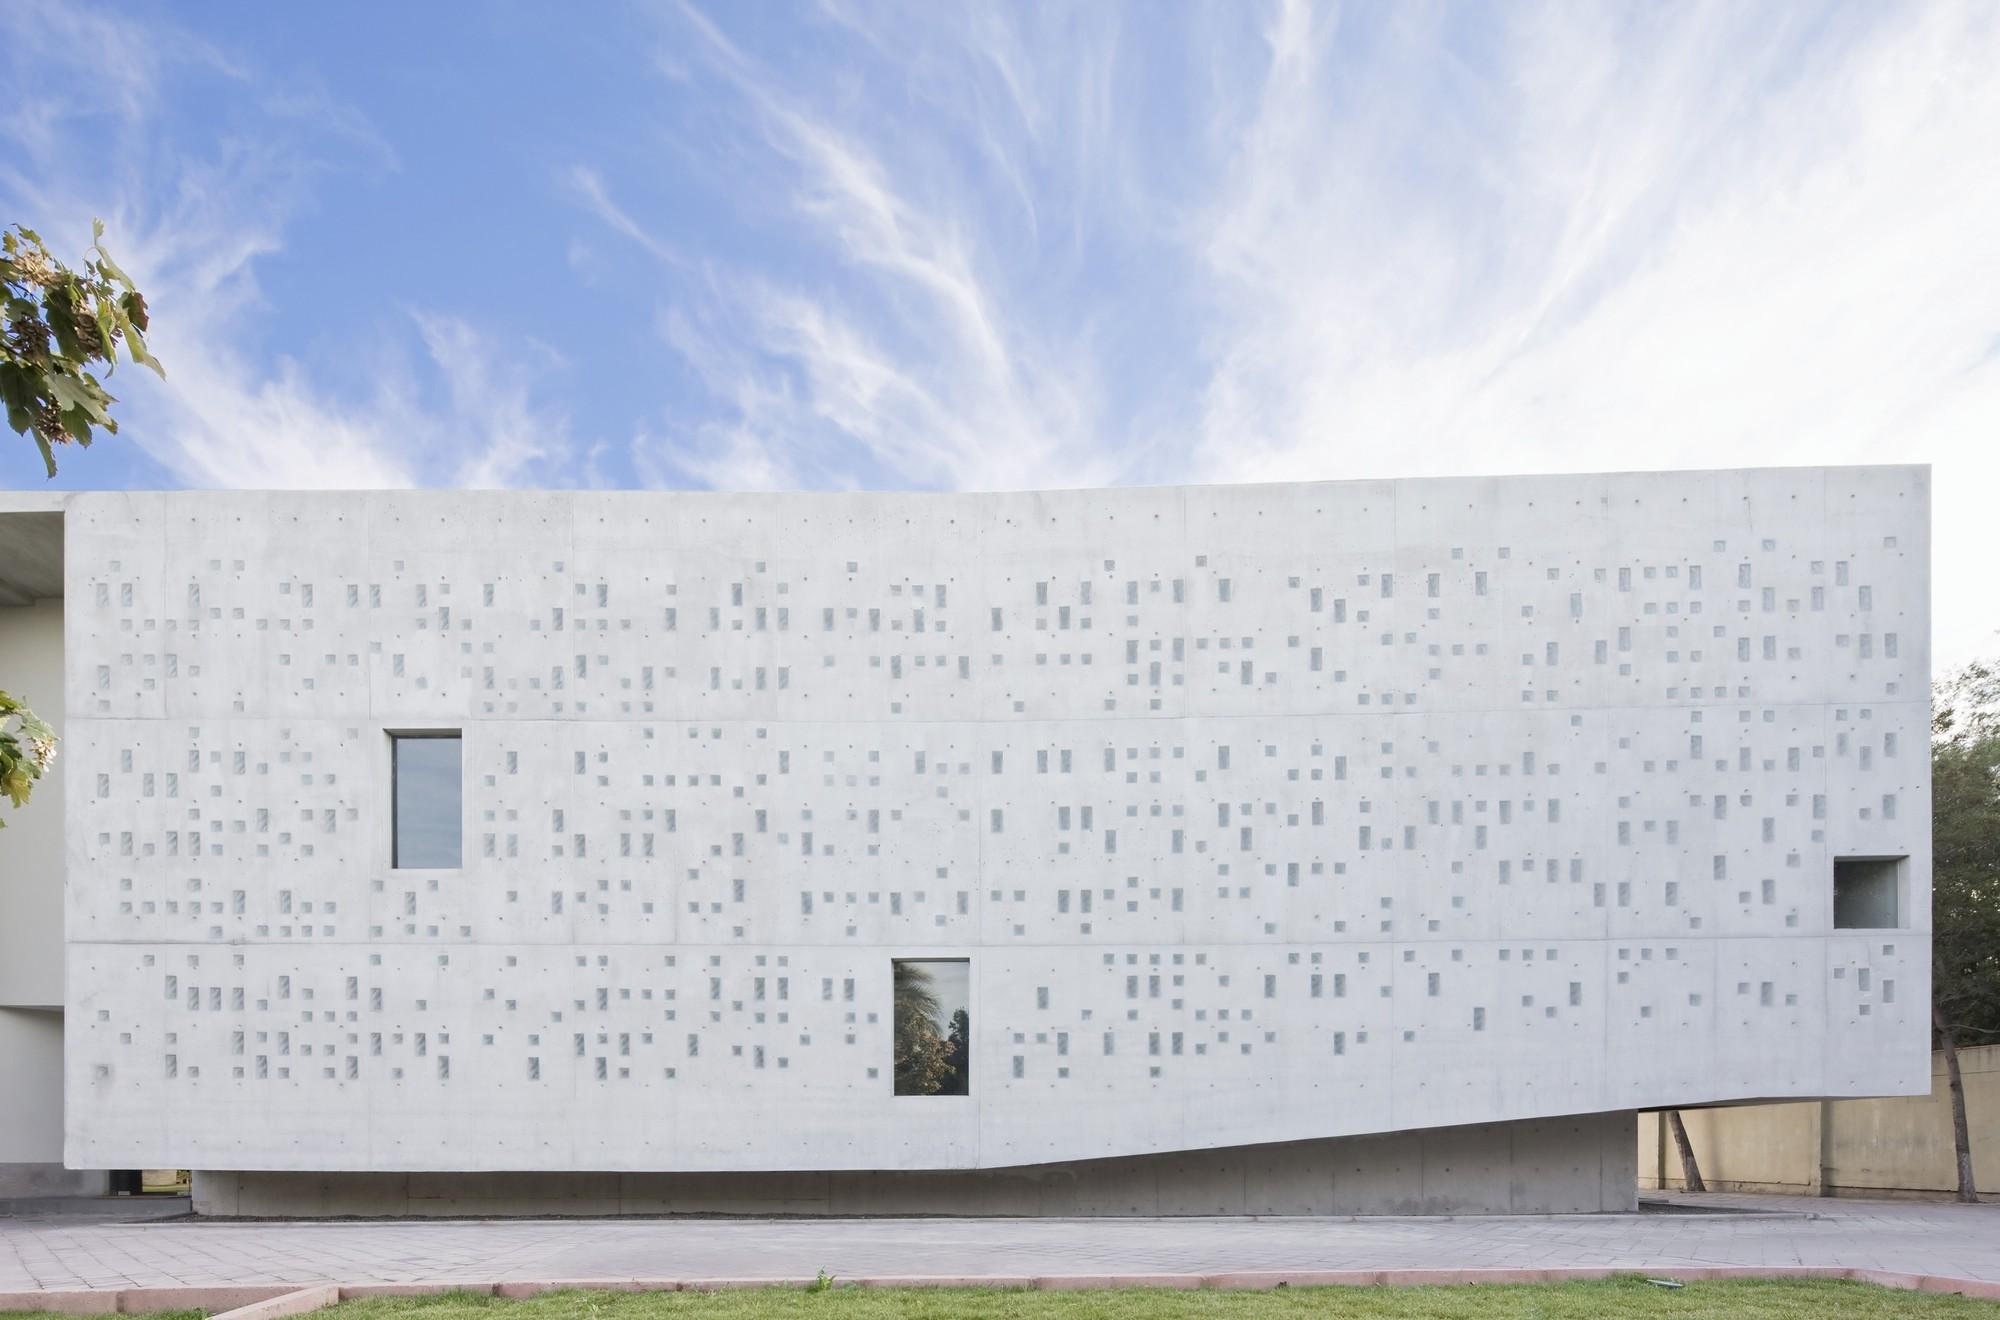 San Alberto Hurtado's Memorial  / Undurraga Devés Arquitectos, © Sergio Pirrone